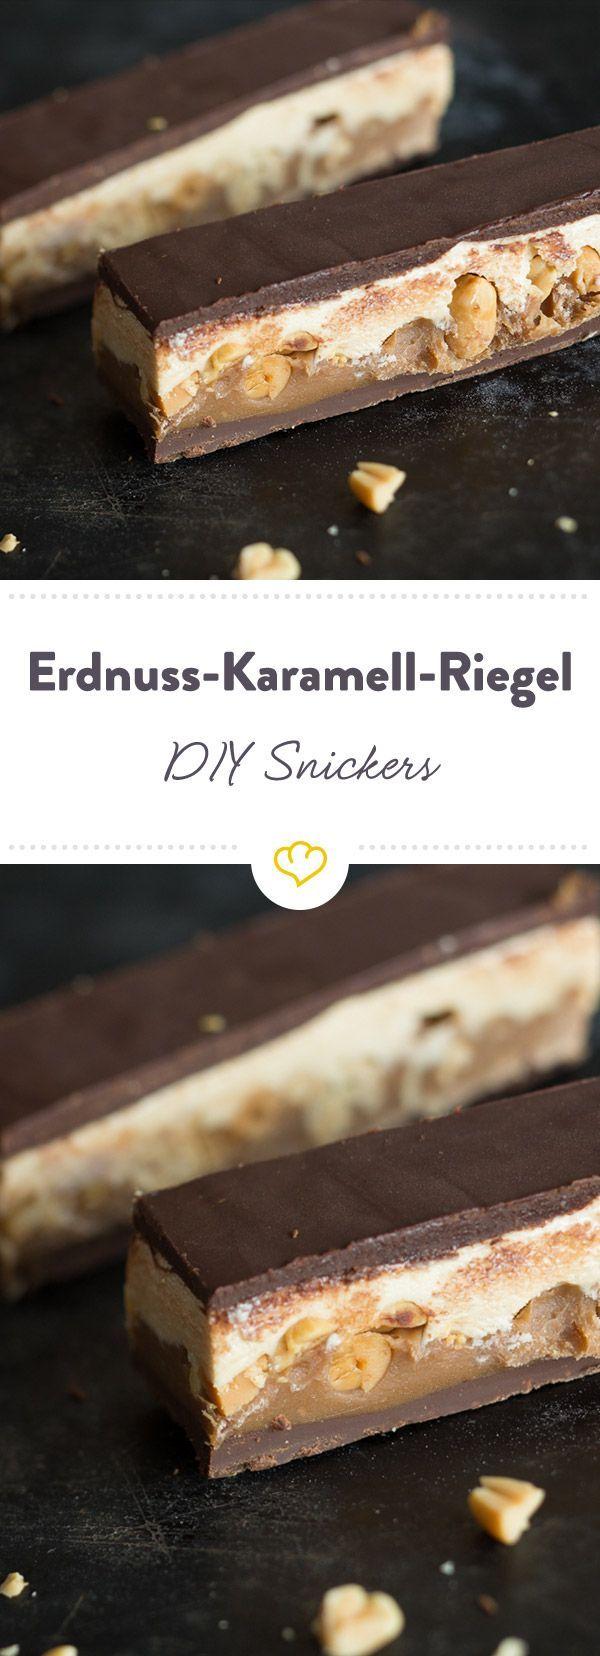 Schokolade, Erdnussbutter, Karamell, Marshmallowcreme - diese kleinen Erdnuss-Karamell-Schokoriegel sind eine wunderbar klebrige Angelegenheit.